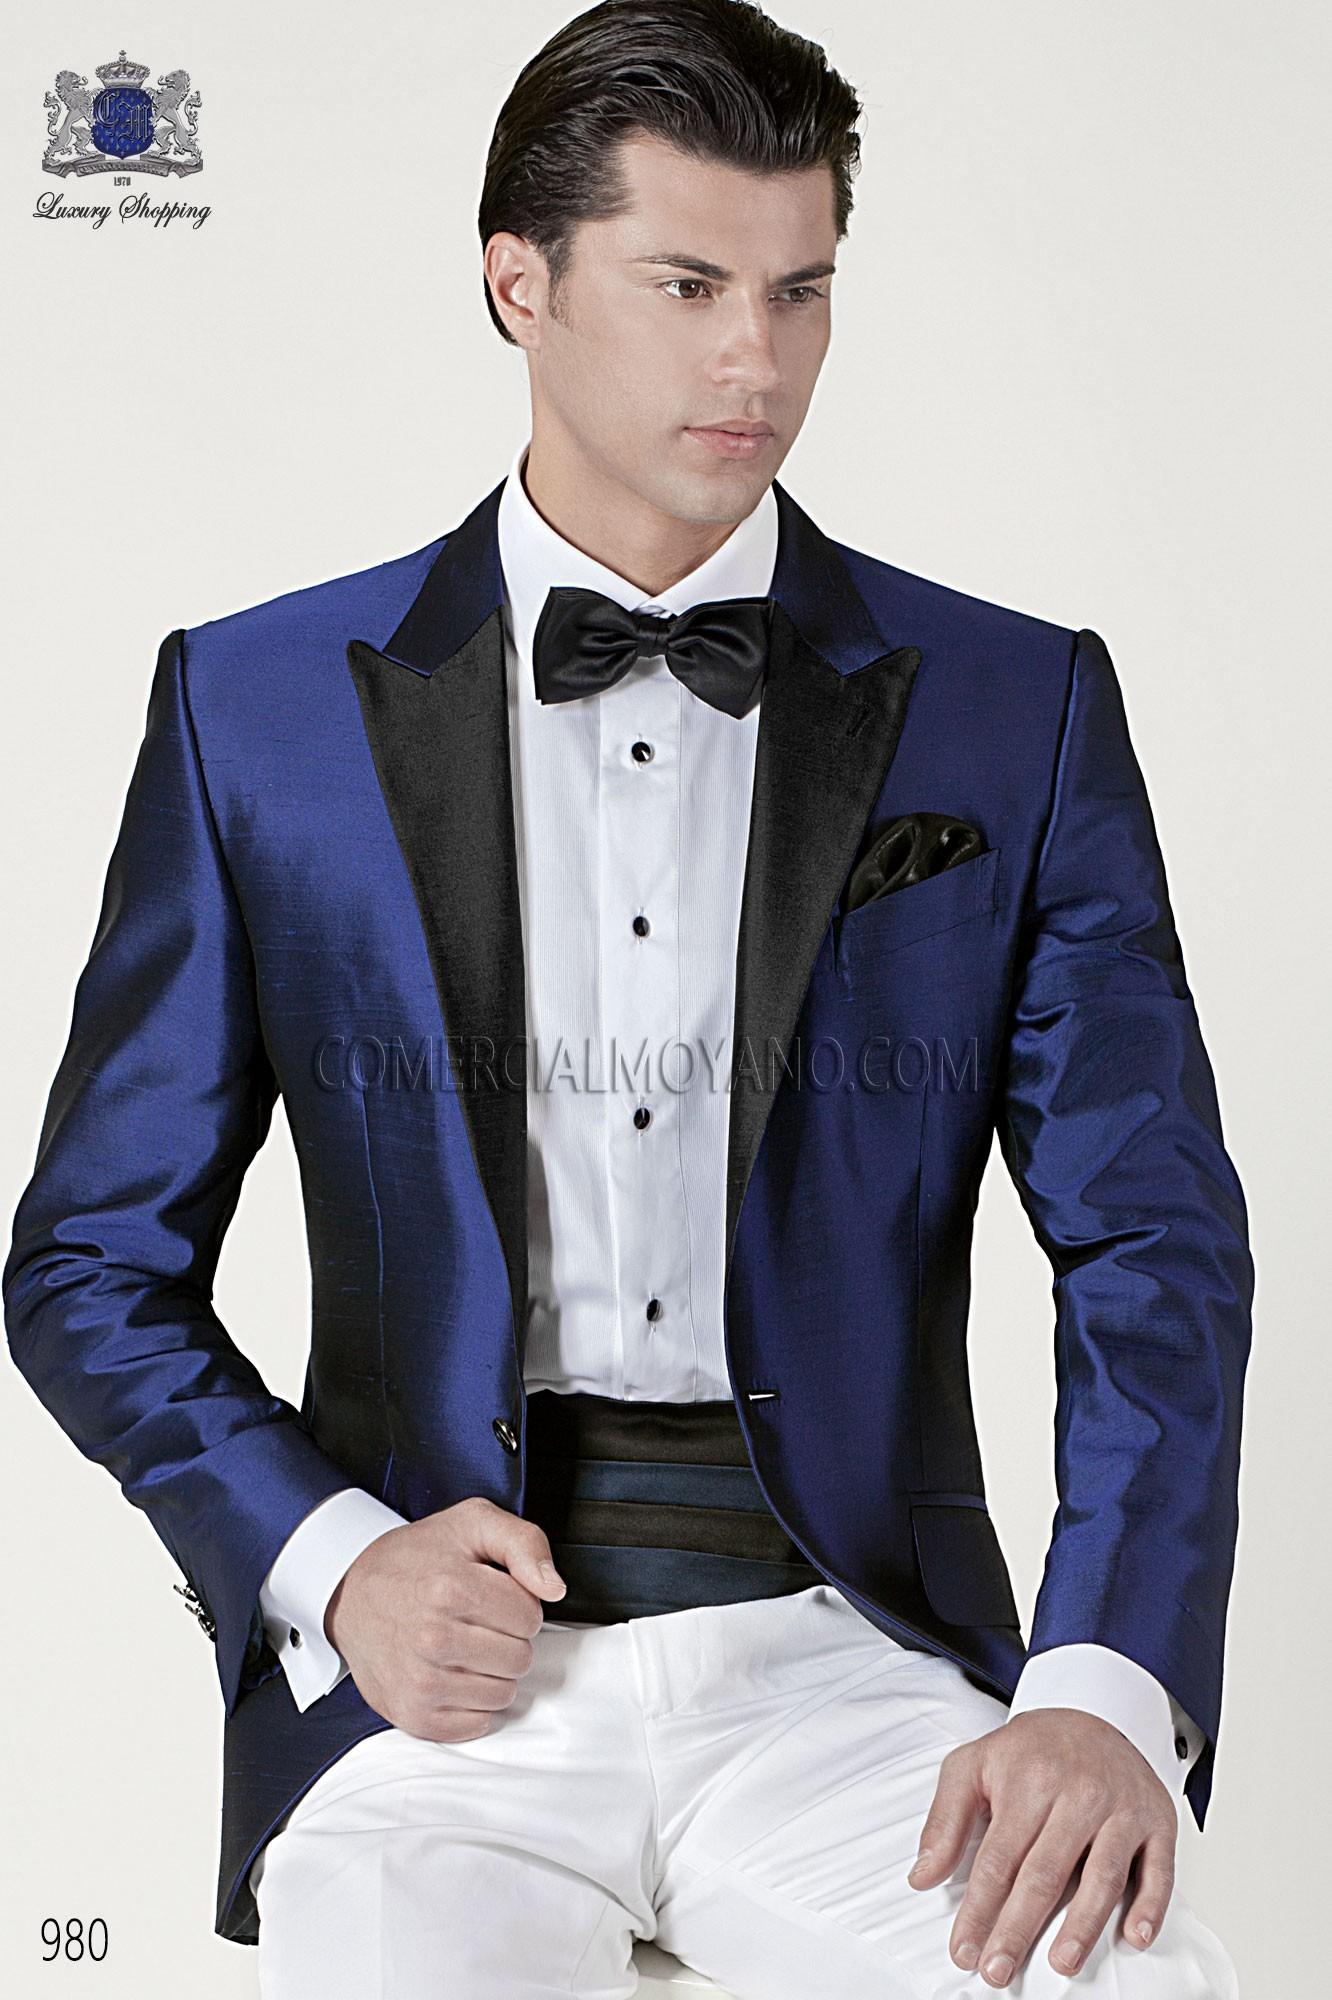 Black tie suit wedding